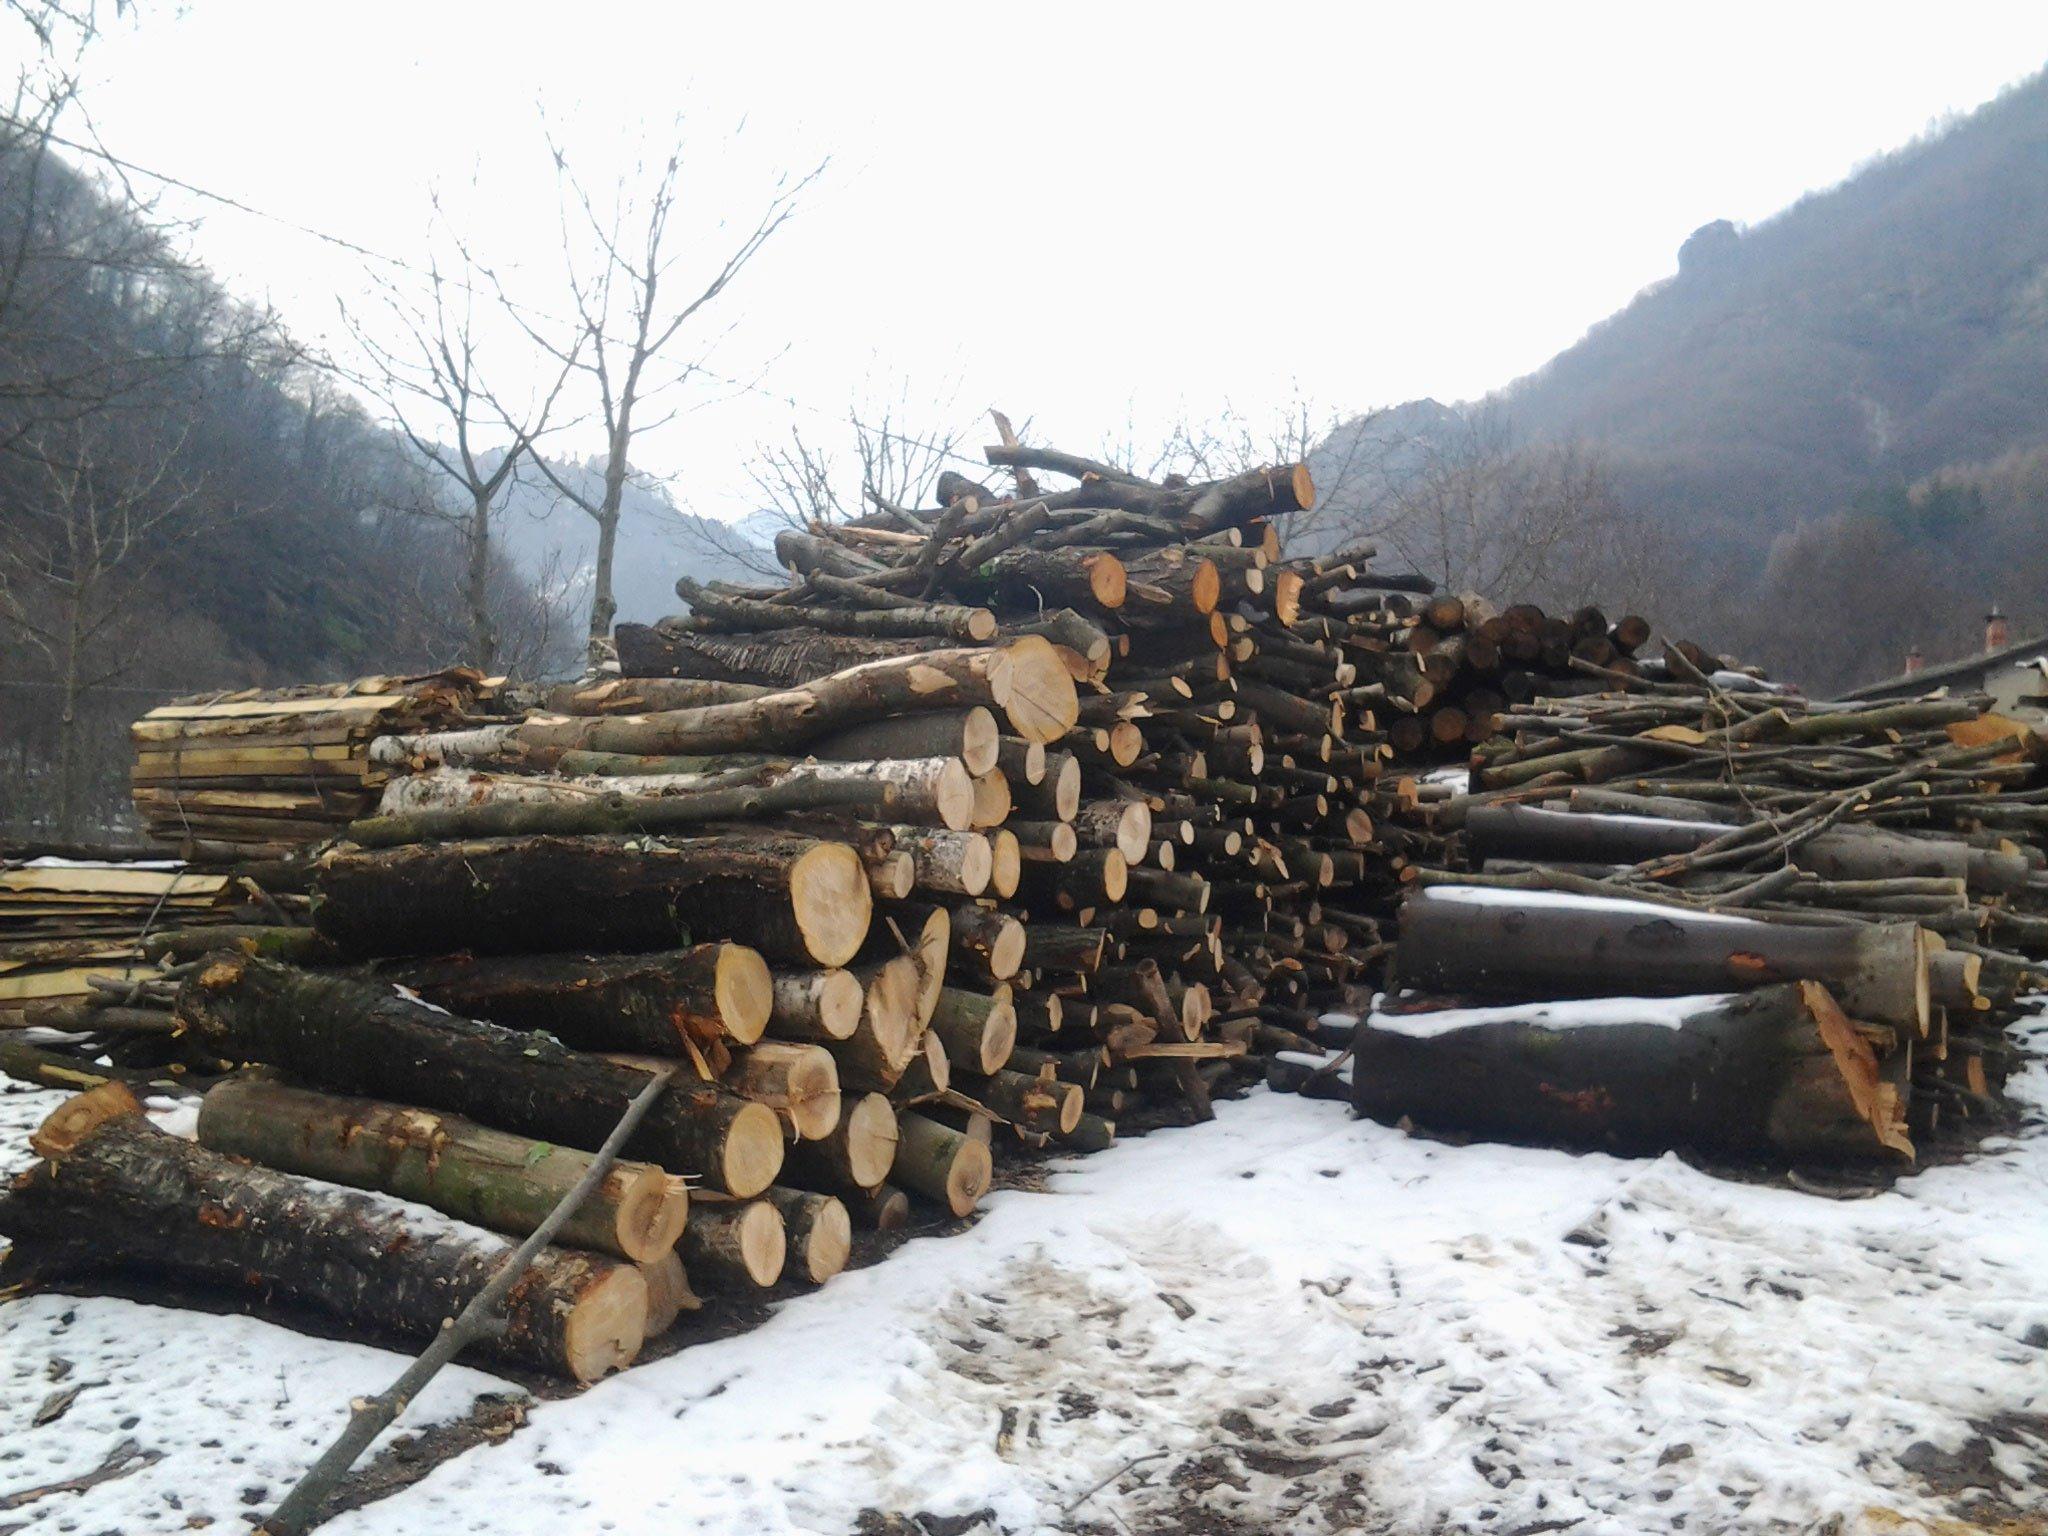 insieme di tronchi d'albero sopra un terreno innevato